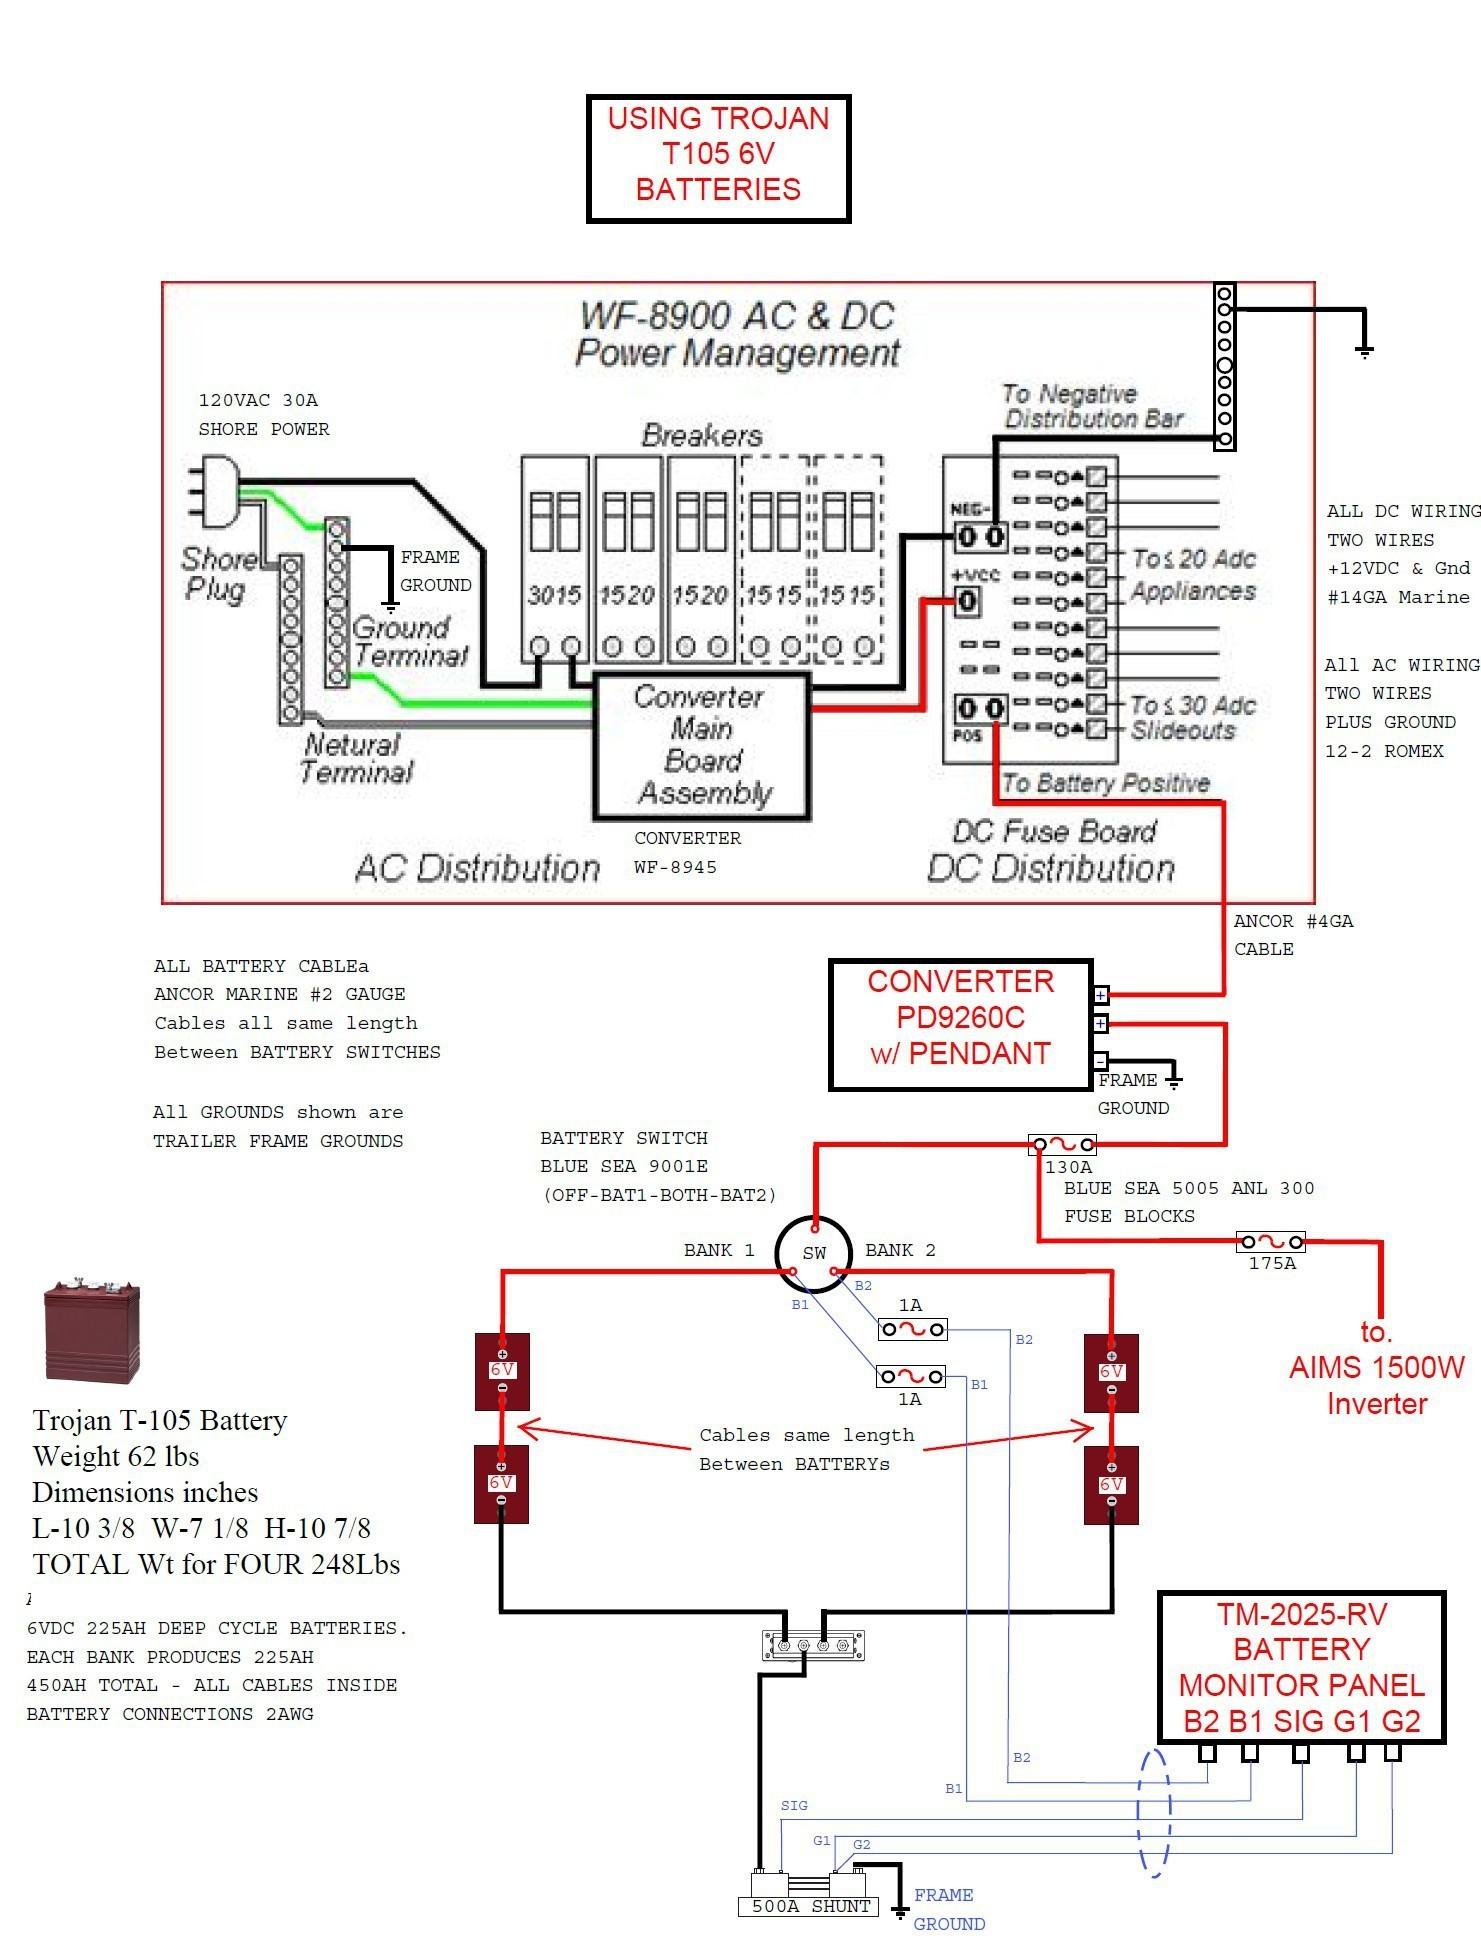 Kib Systems Monitor Panel Installation Kib Rv Monitor Panel Wiring Diagram Wiring Diagram Schematic Of Kib Systems Monitor Panel Installation